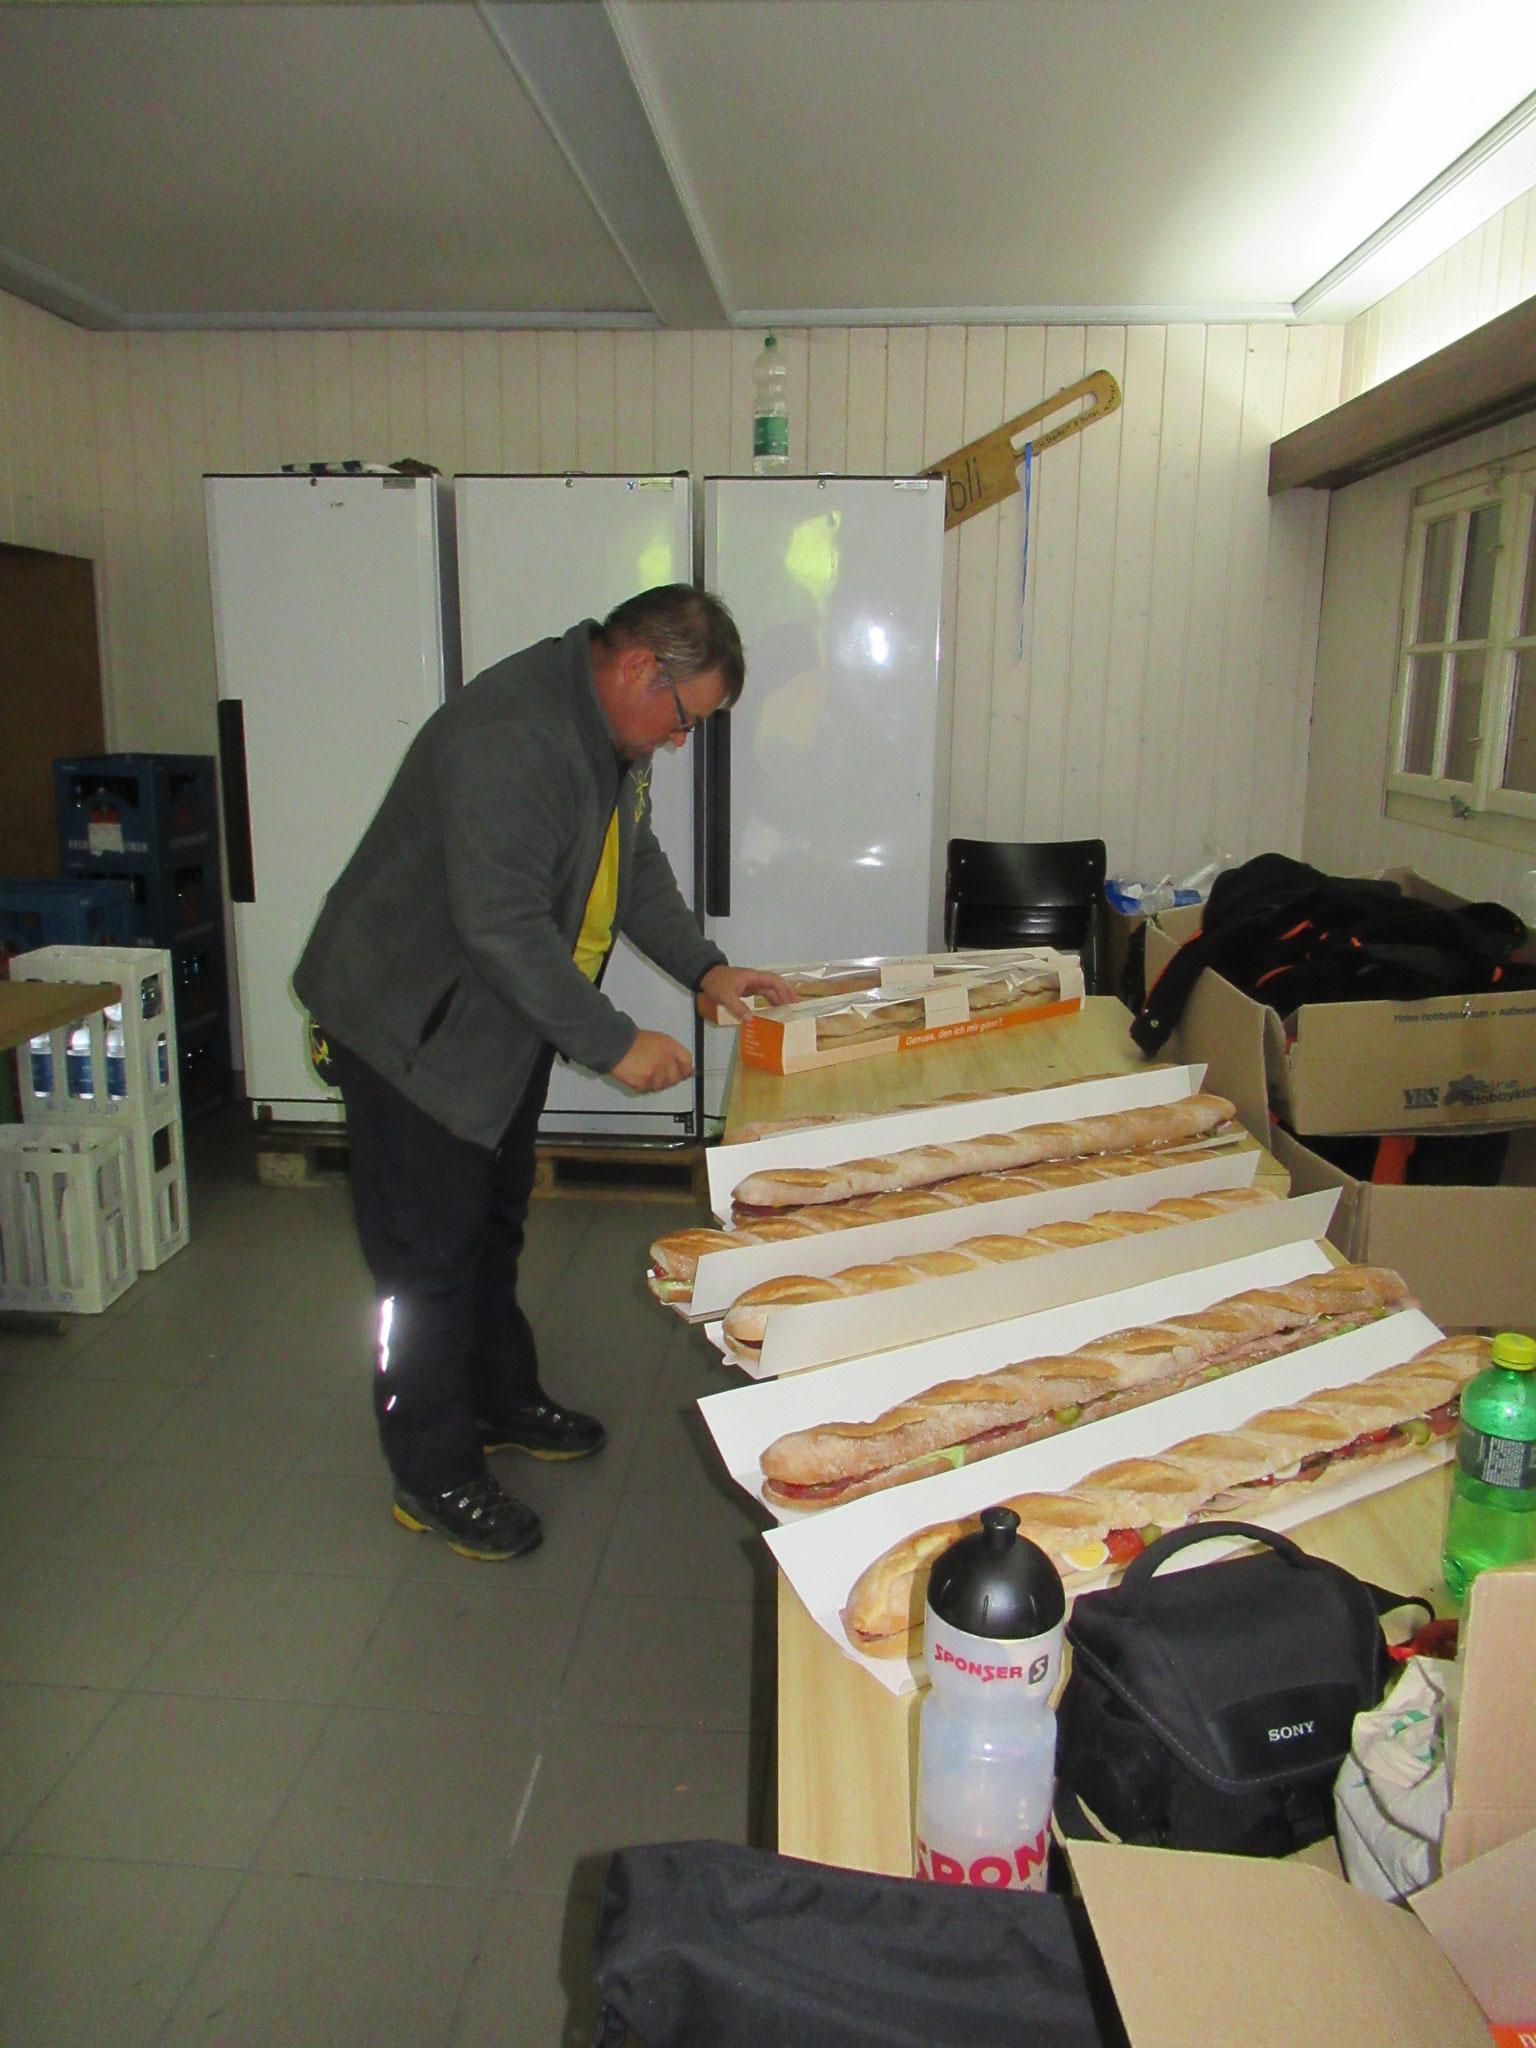 Fahrchef Martin beim vorbereiten der Sandwichs für das Mittagessen.